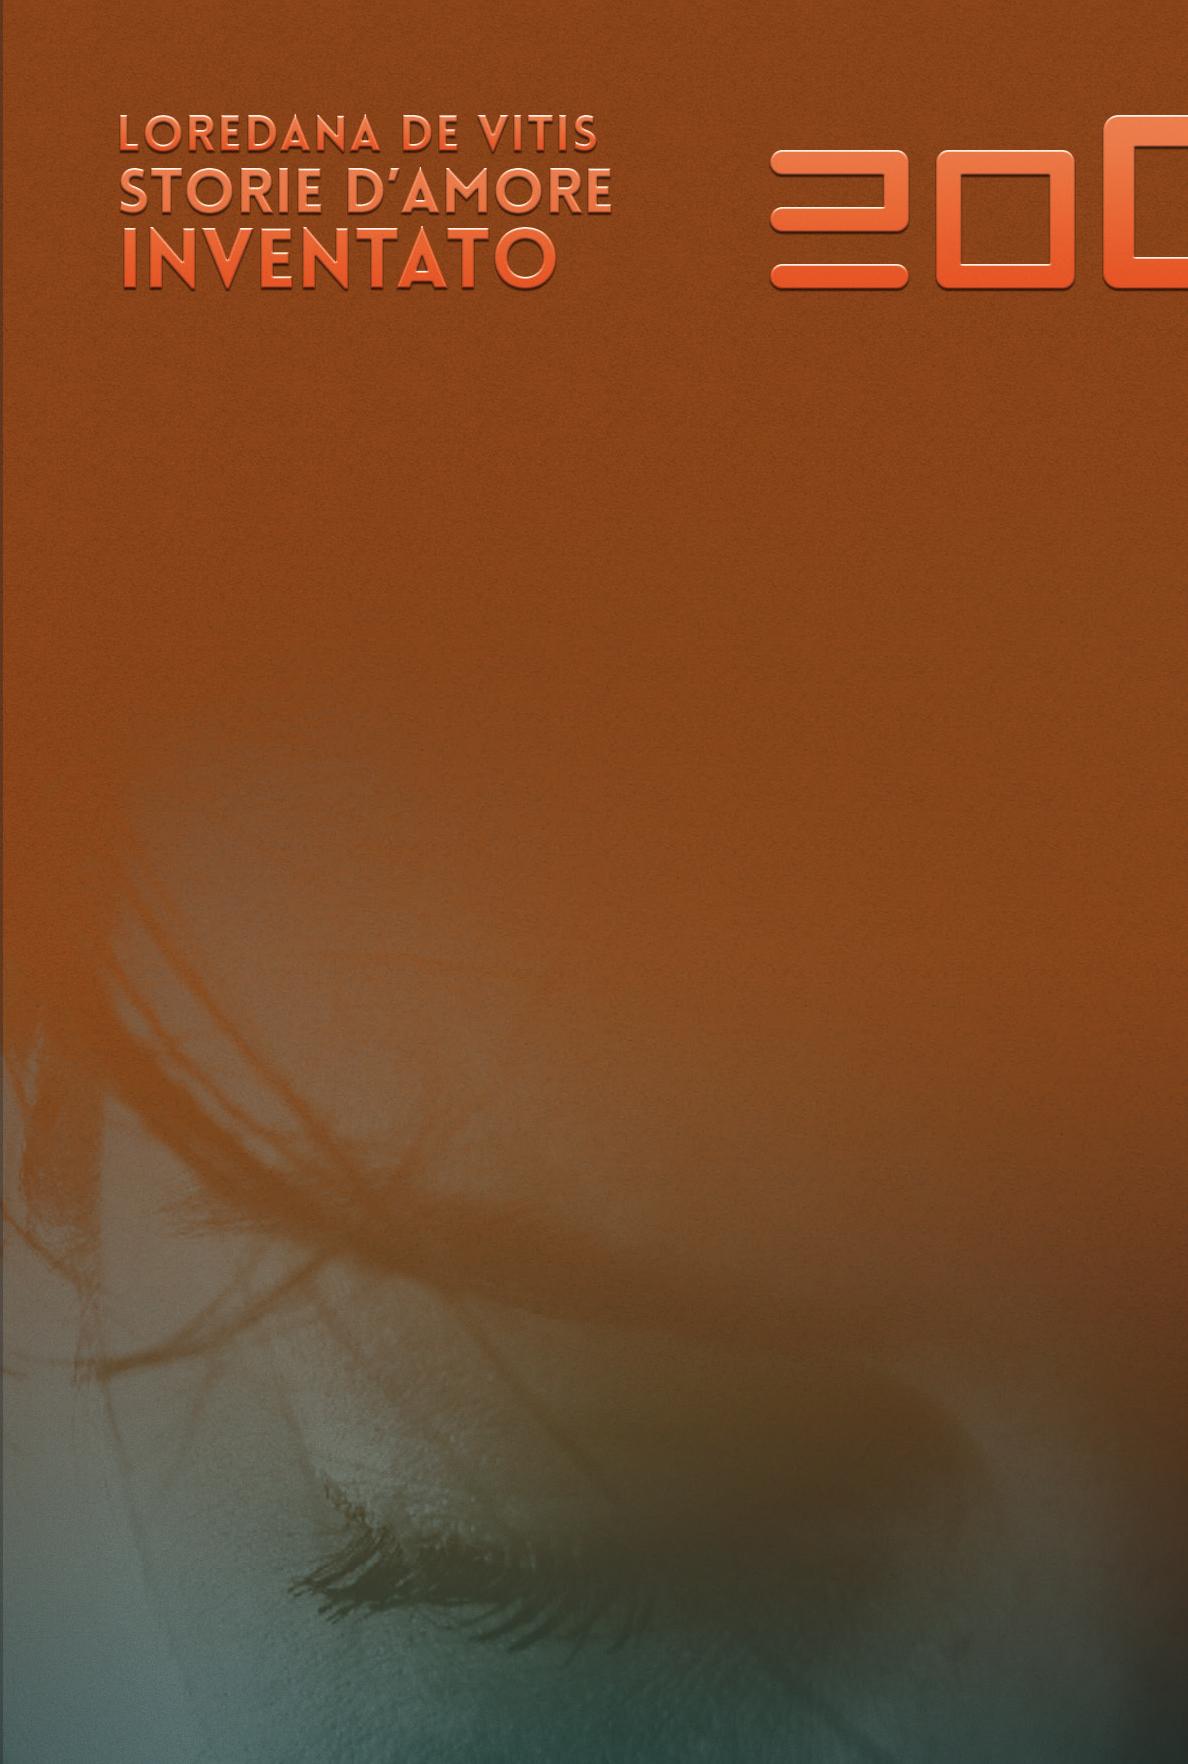 """""""storie d'amore inventato"""", 20090 edizioni [copertina]"""